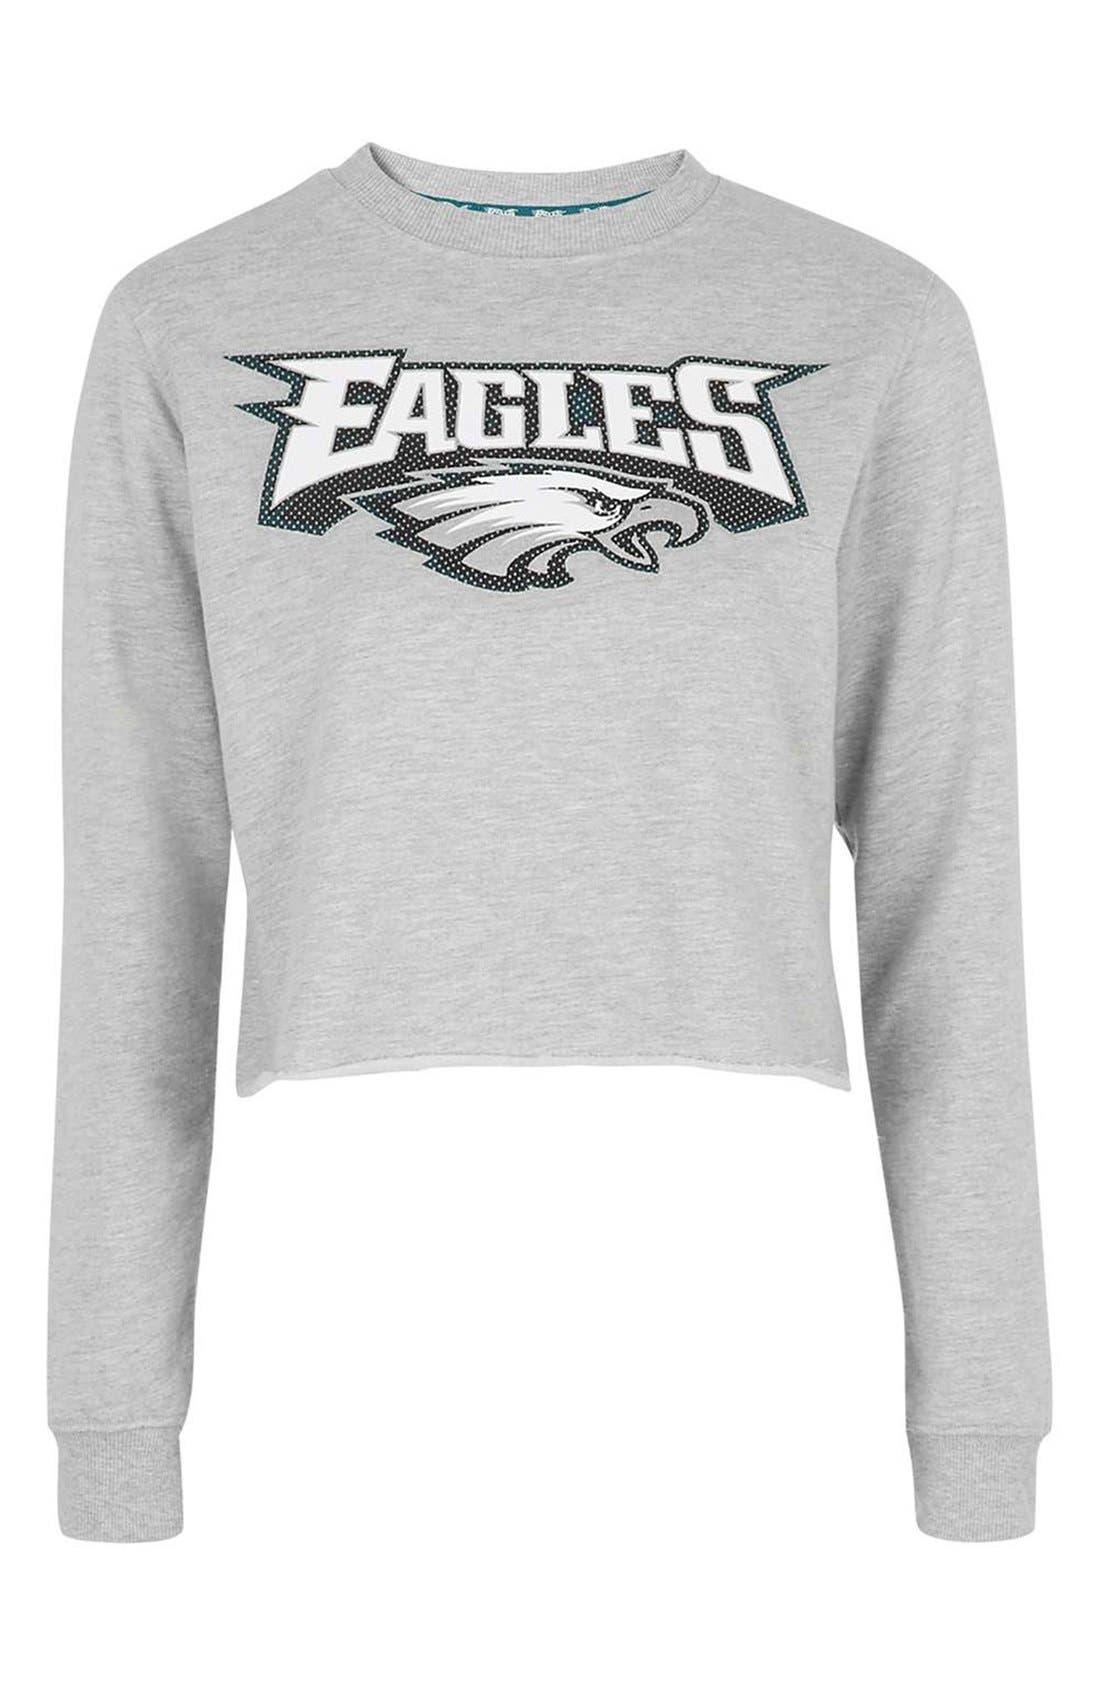 Alternate Image 3  - Topshop by Tee & Cake 'Eagles' Crop Sweatshirt